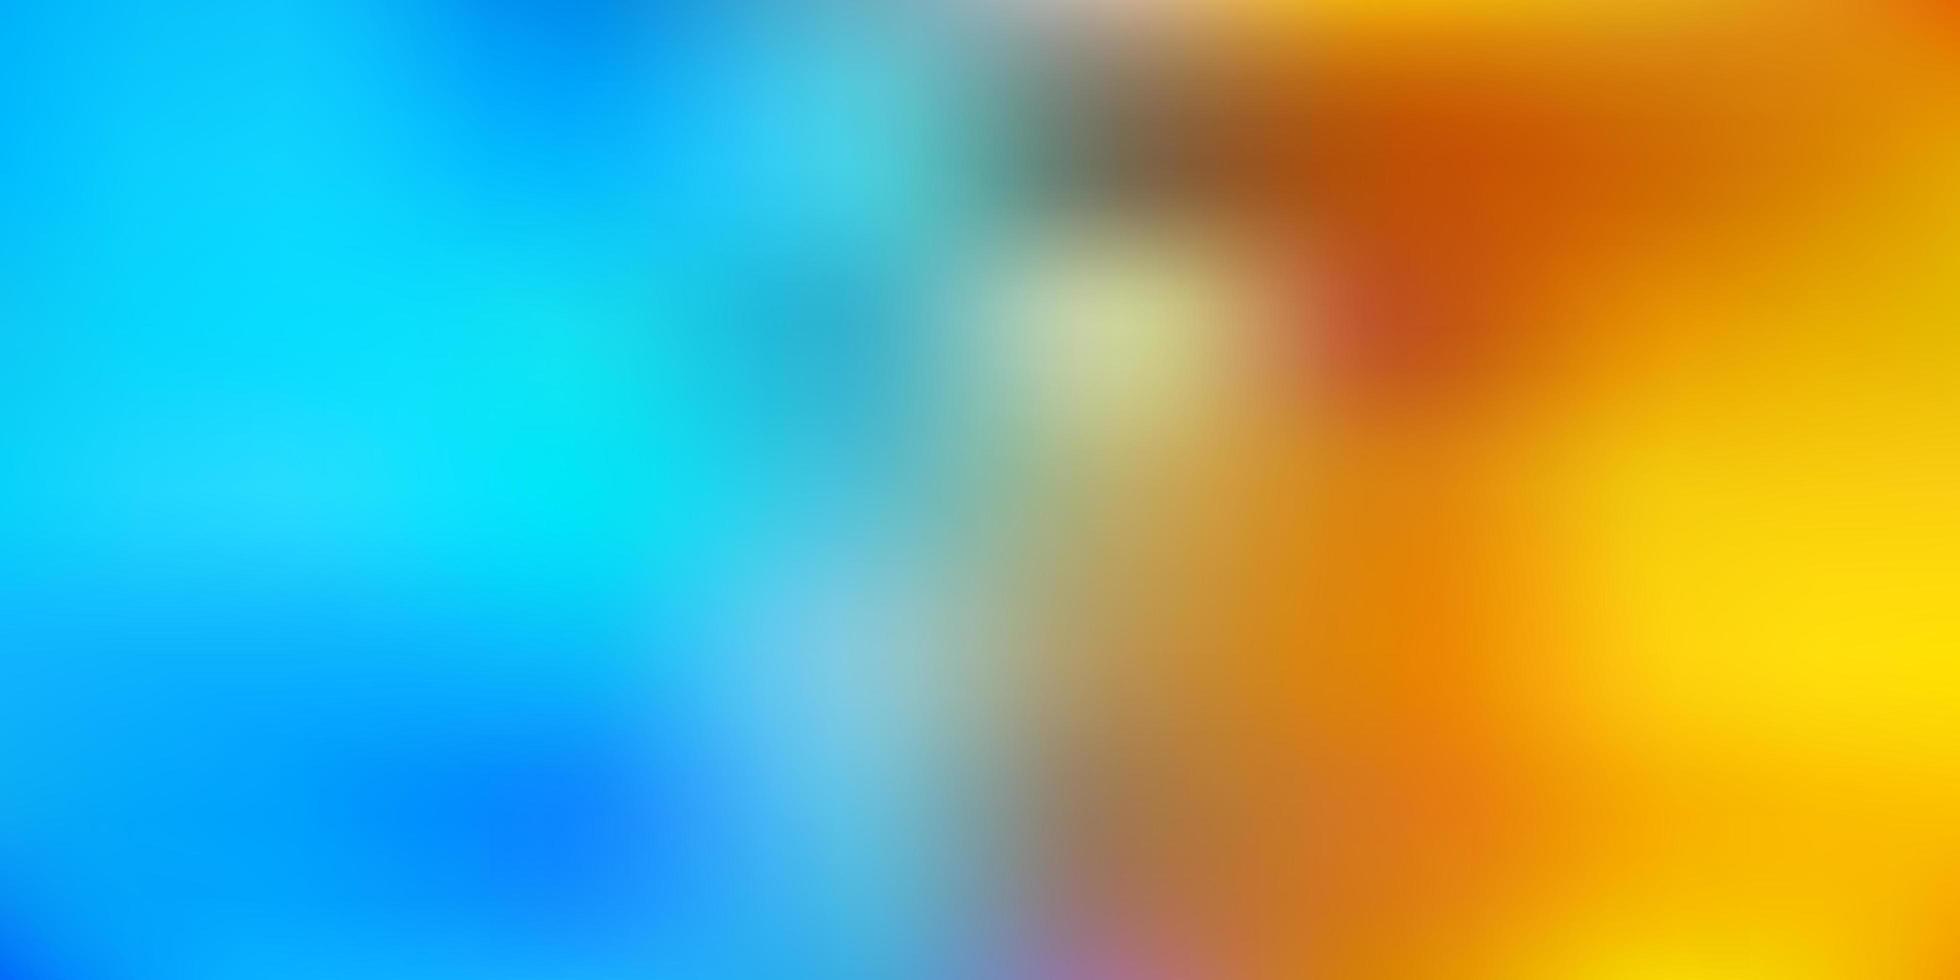 azul claro amarelo vetor abstrato desfocar o fundo